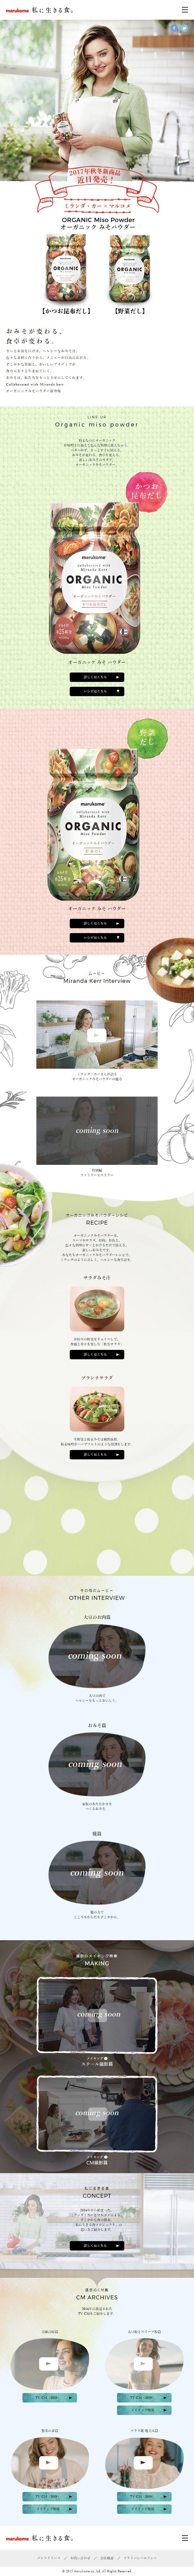 ORGANIC Miso Powder WEBデザイナーさん必見!スマホランディングページのデザイン参考に(かわいい系)